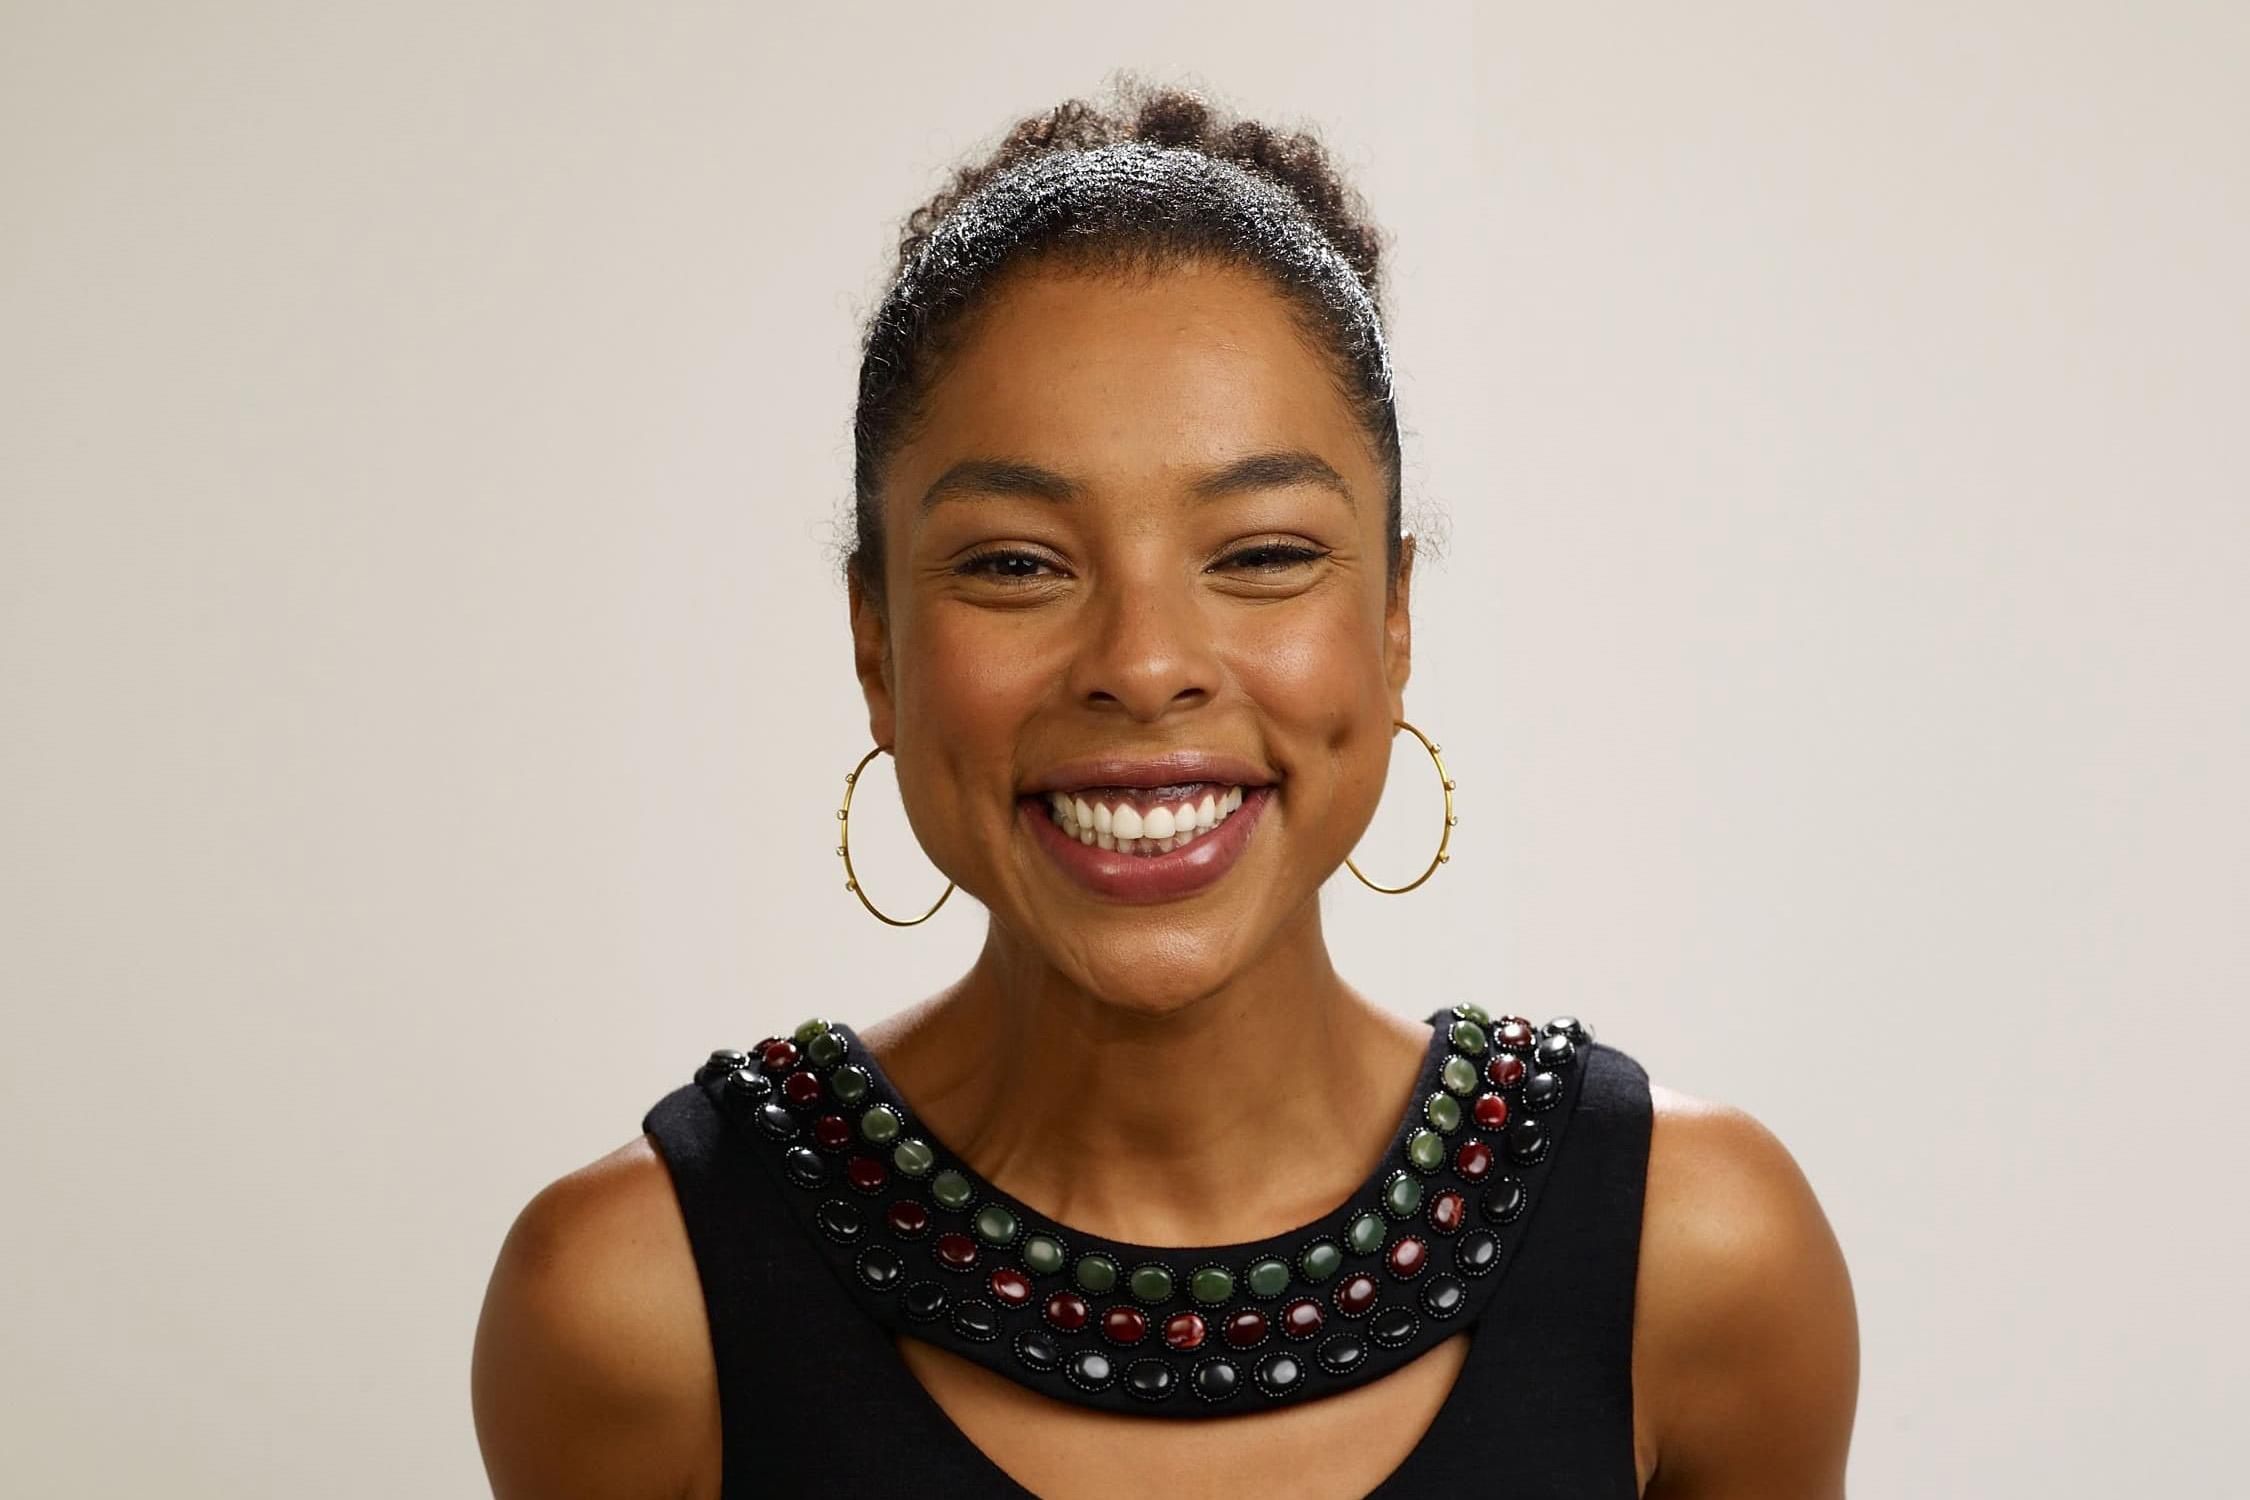 sophie okonedo smile wallpaper 60826